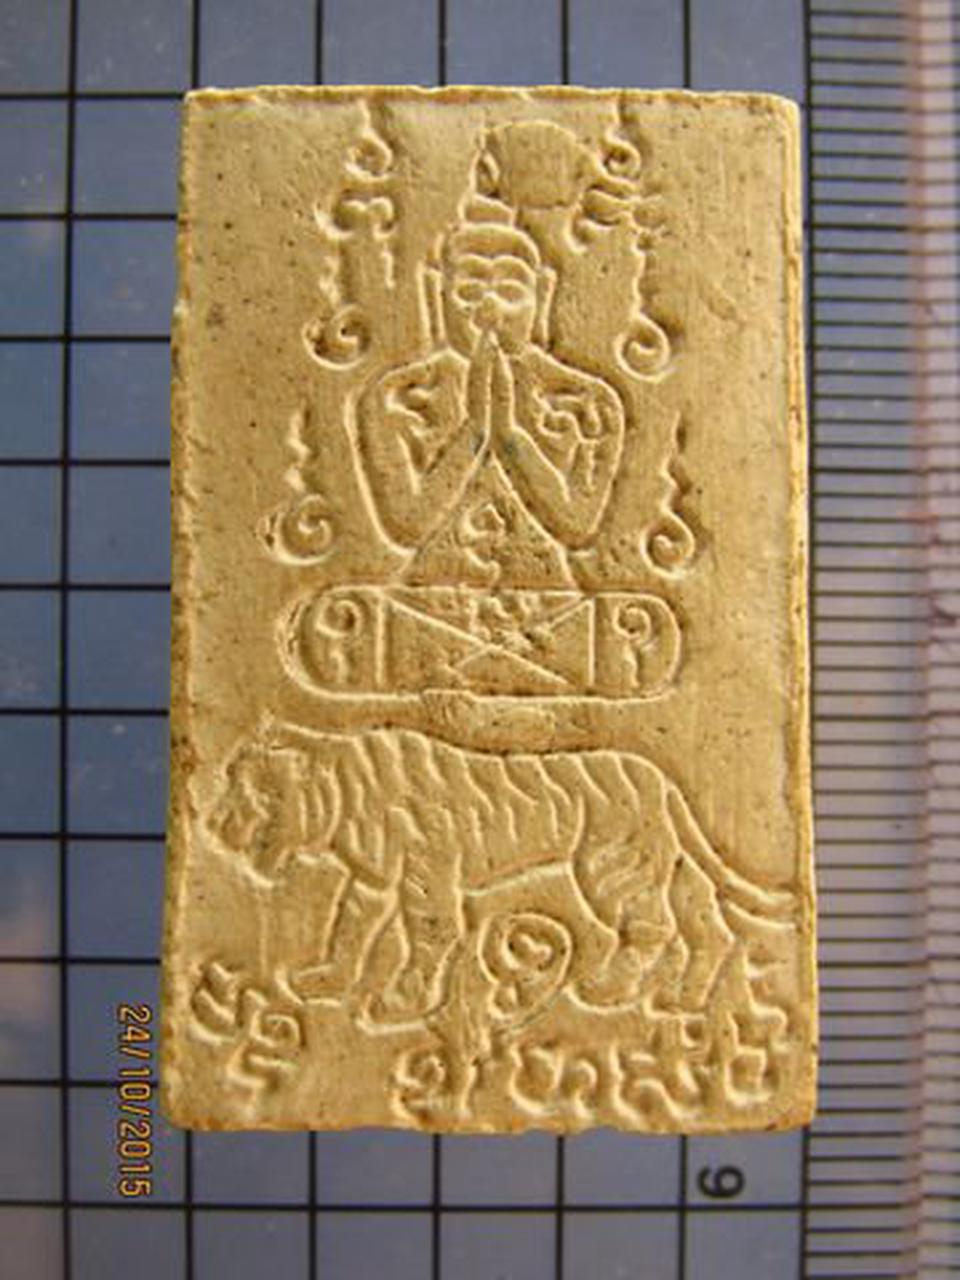 2800 พระสมเด็จพิมพ์ฐานแซม หลวงพ่อคง วัดวังสรรพรส จ.จันทบุรี  รูปที่ 1